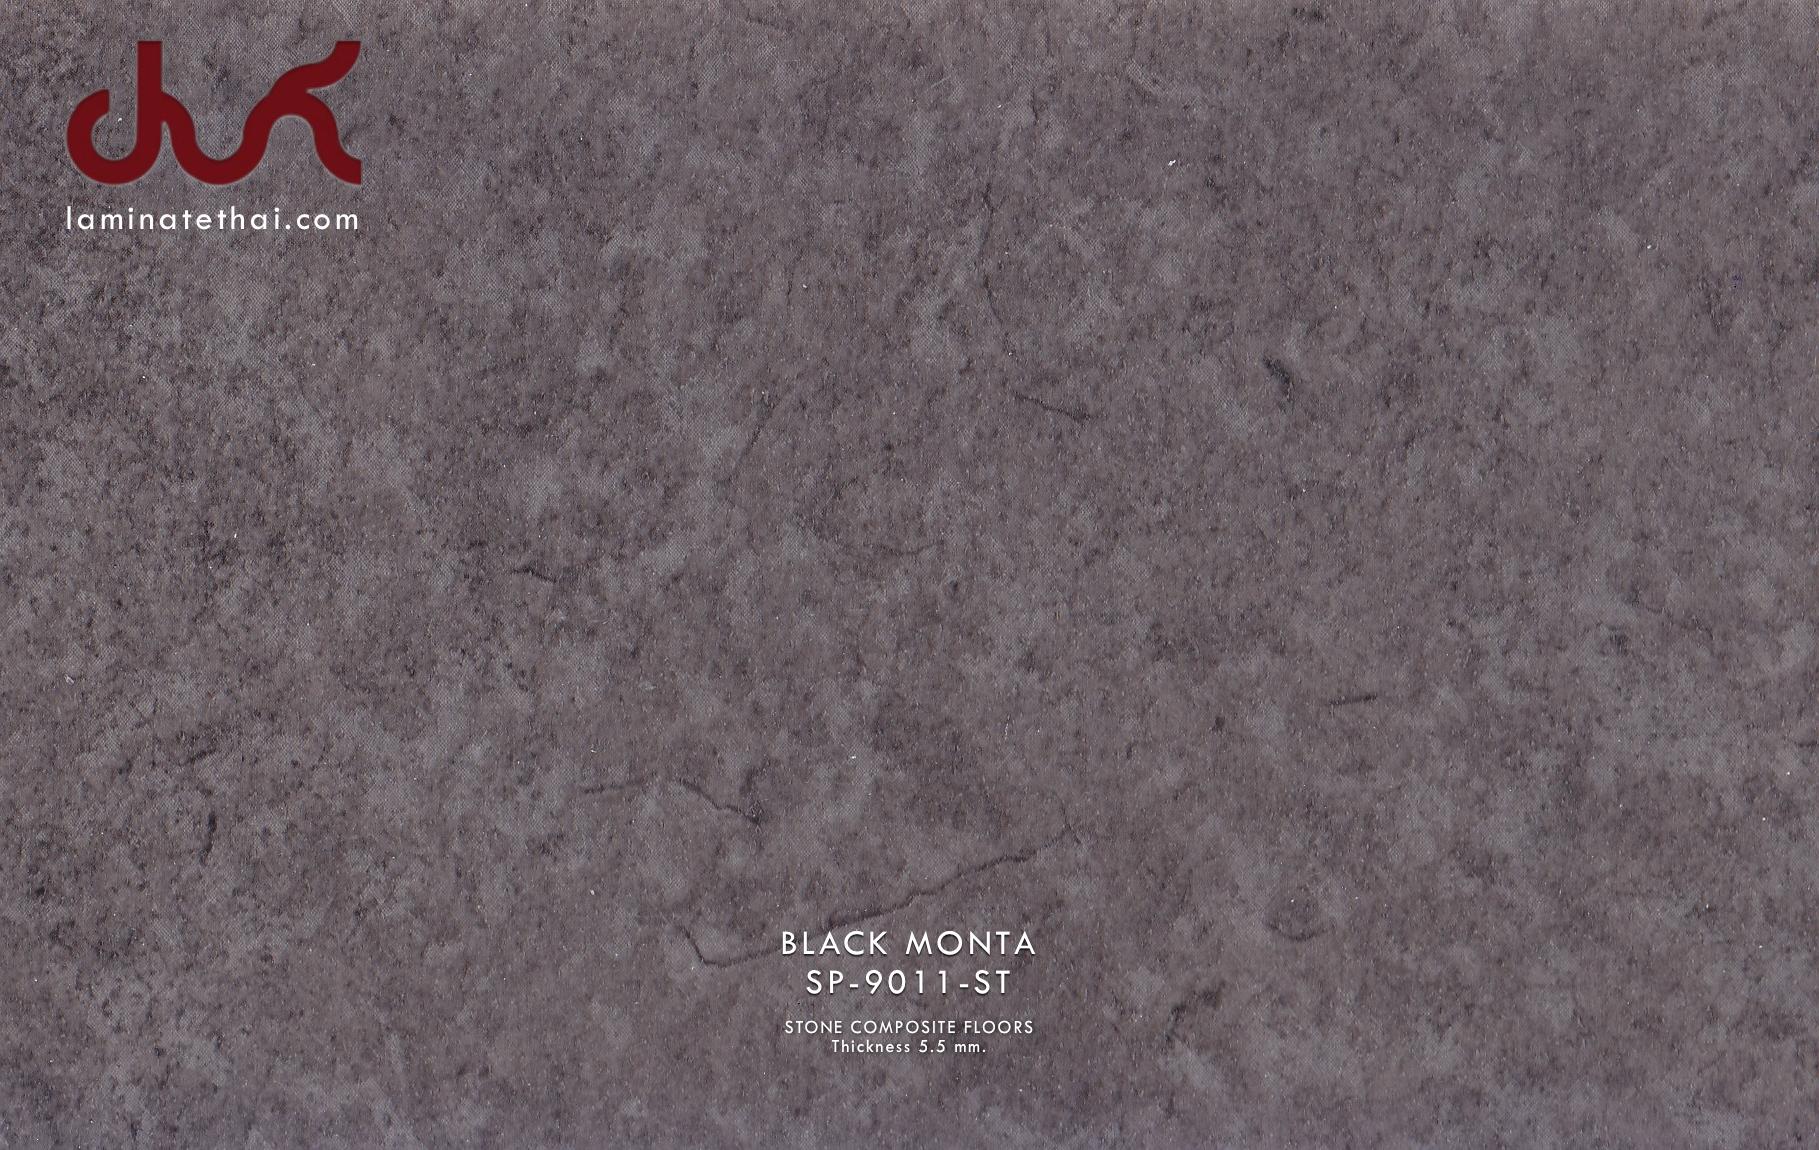 STONE COMPOSITE Floors 5.5 mm.(ลายหิน)